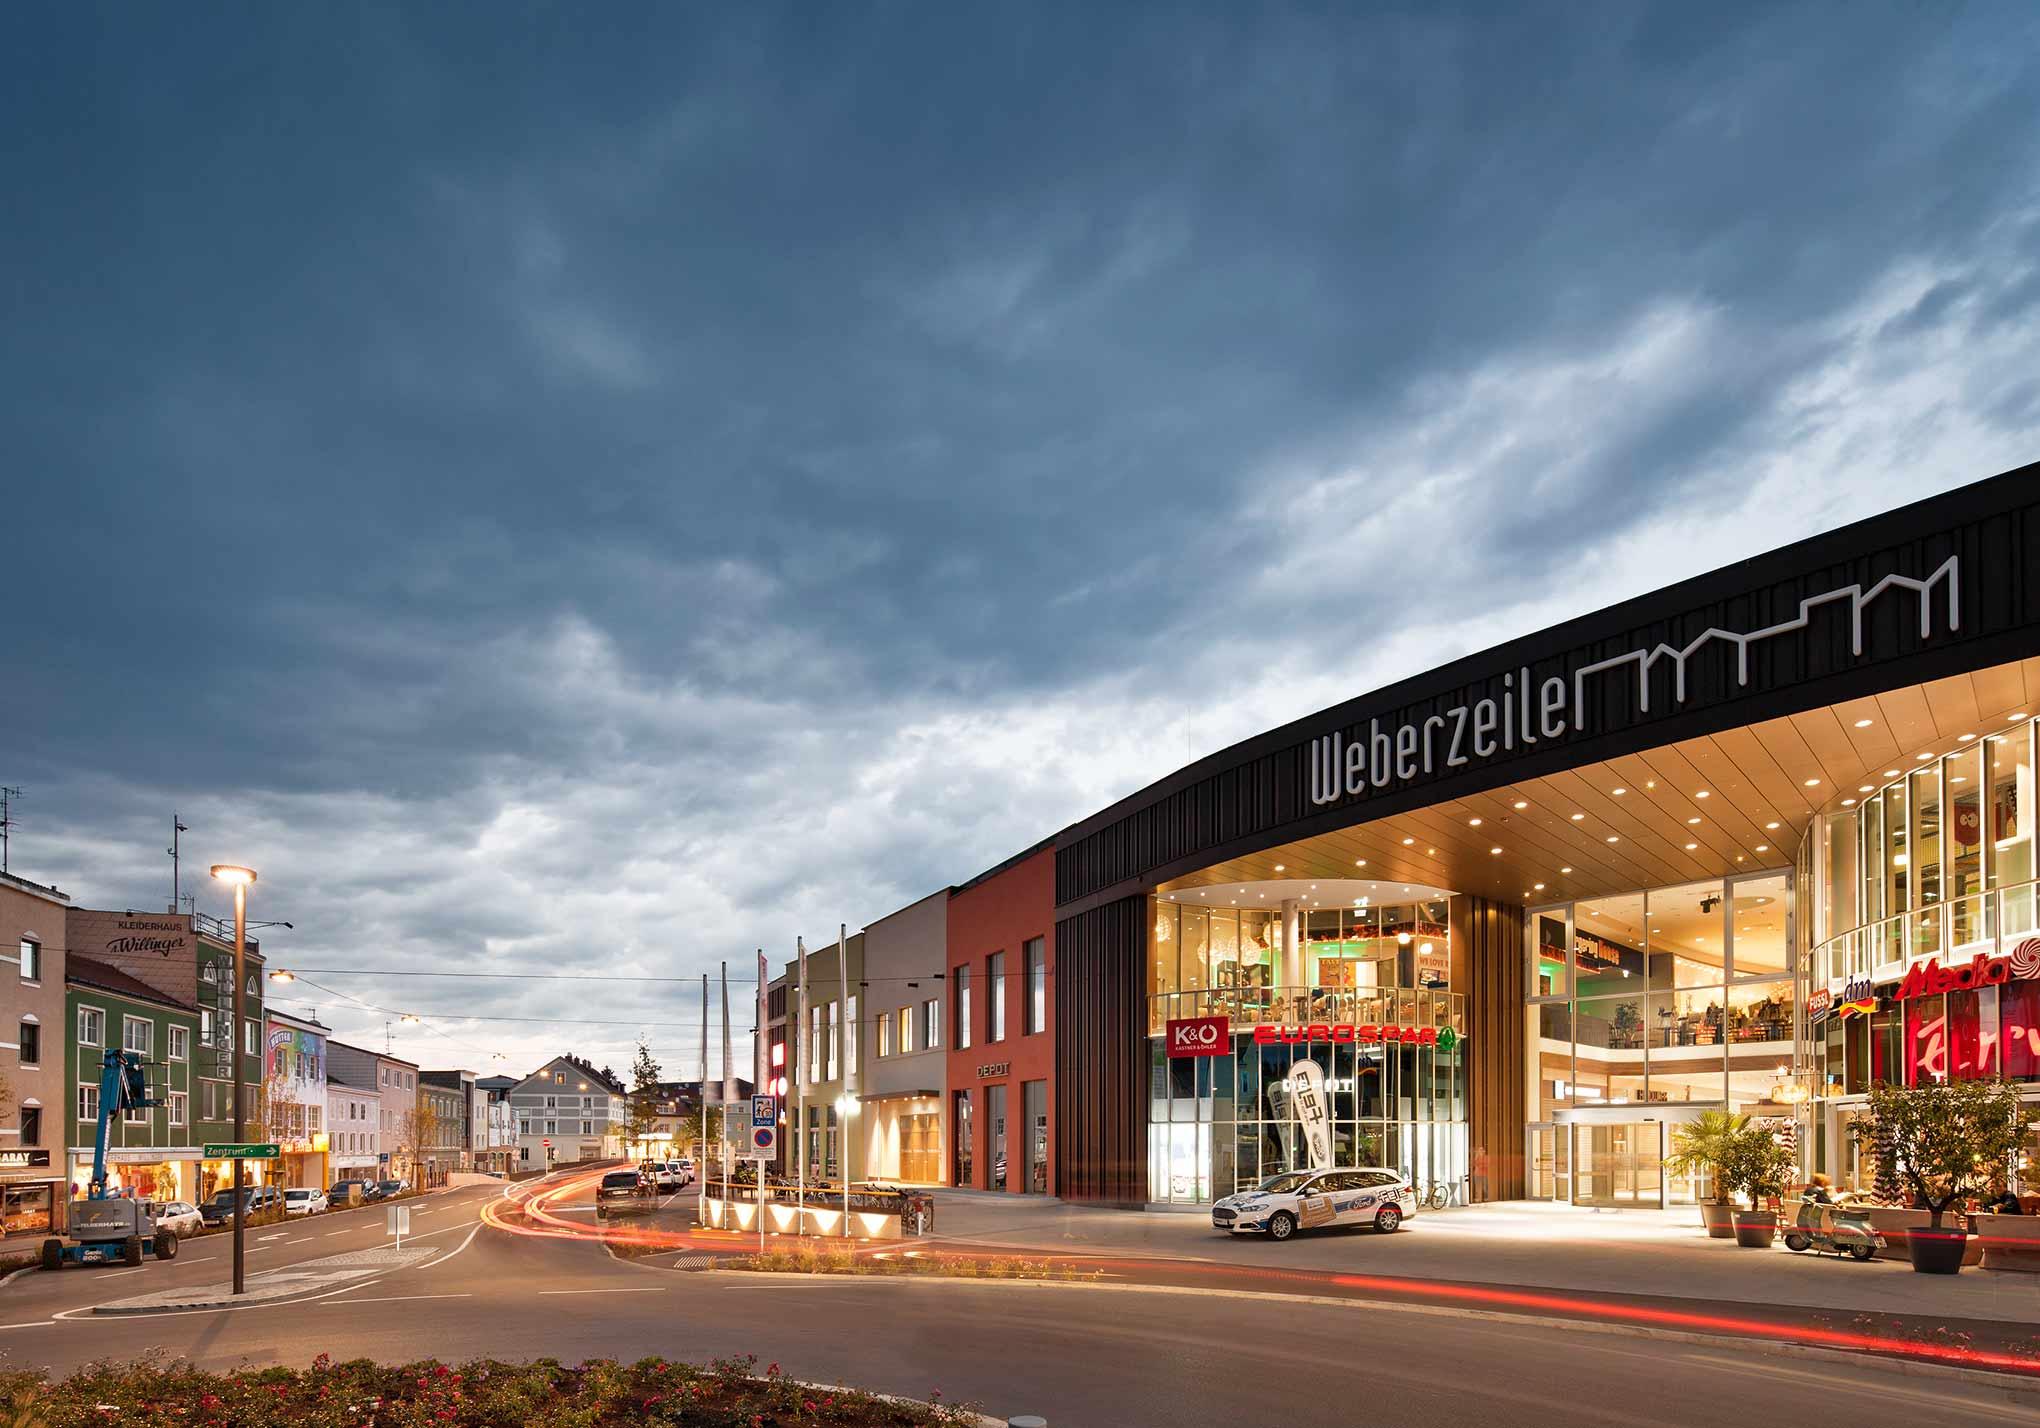 Торговый центр Weberzeile, Рид (Австрия)